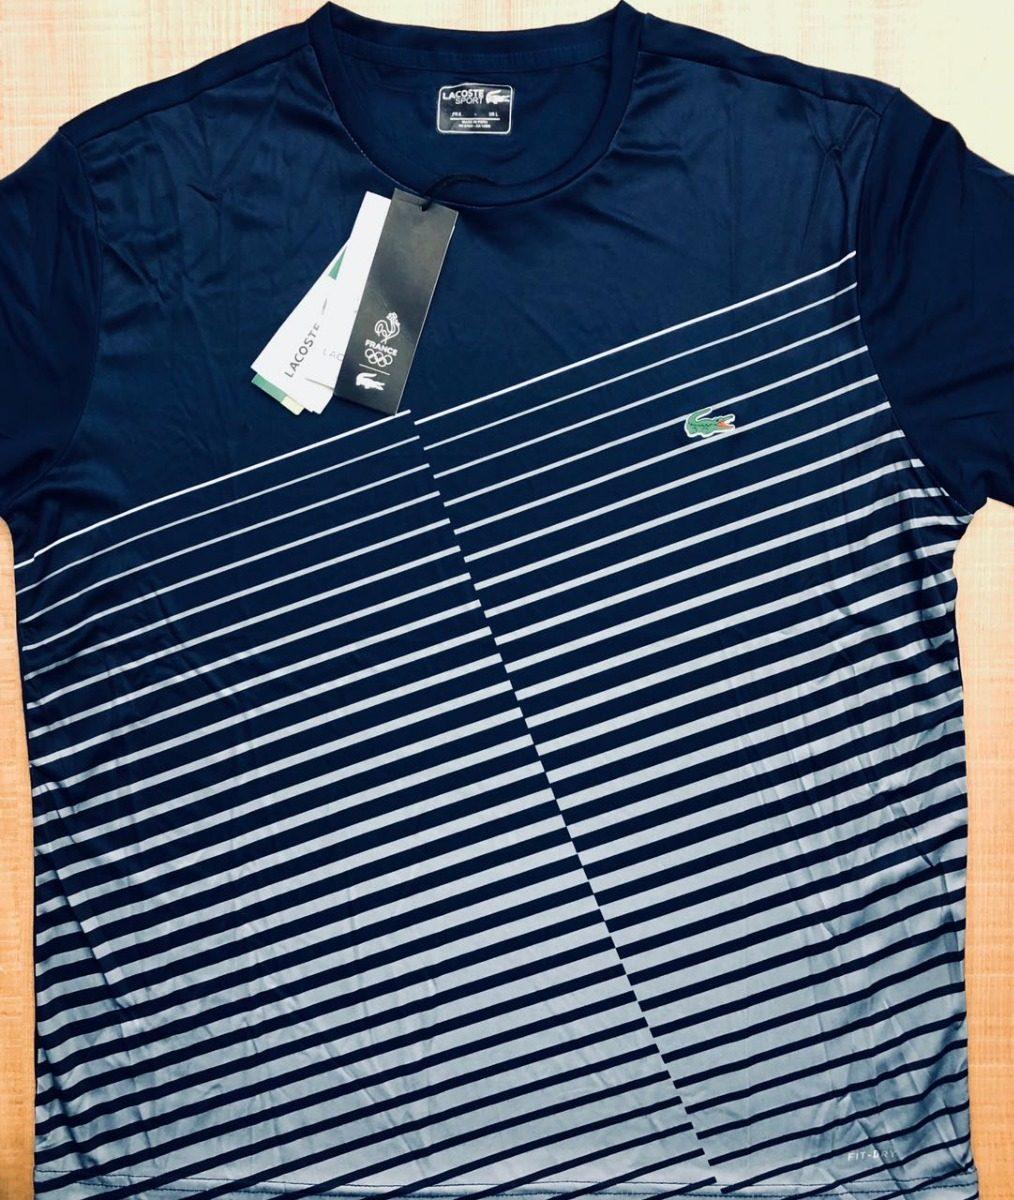 camiseta lacoste sport azul marinho e branco envio imediato. Carregando  zoom. d4a6011b20